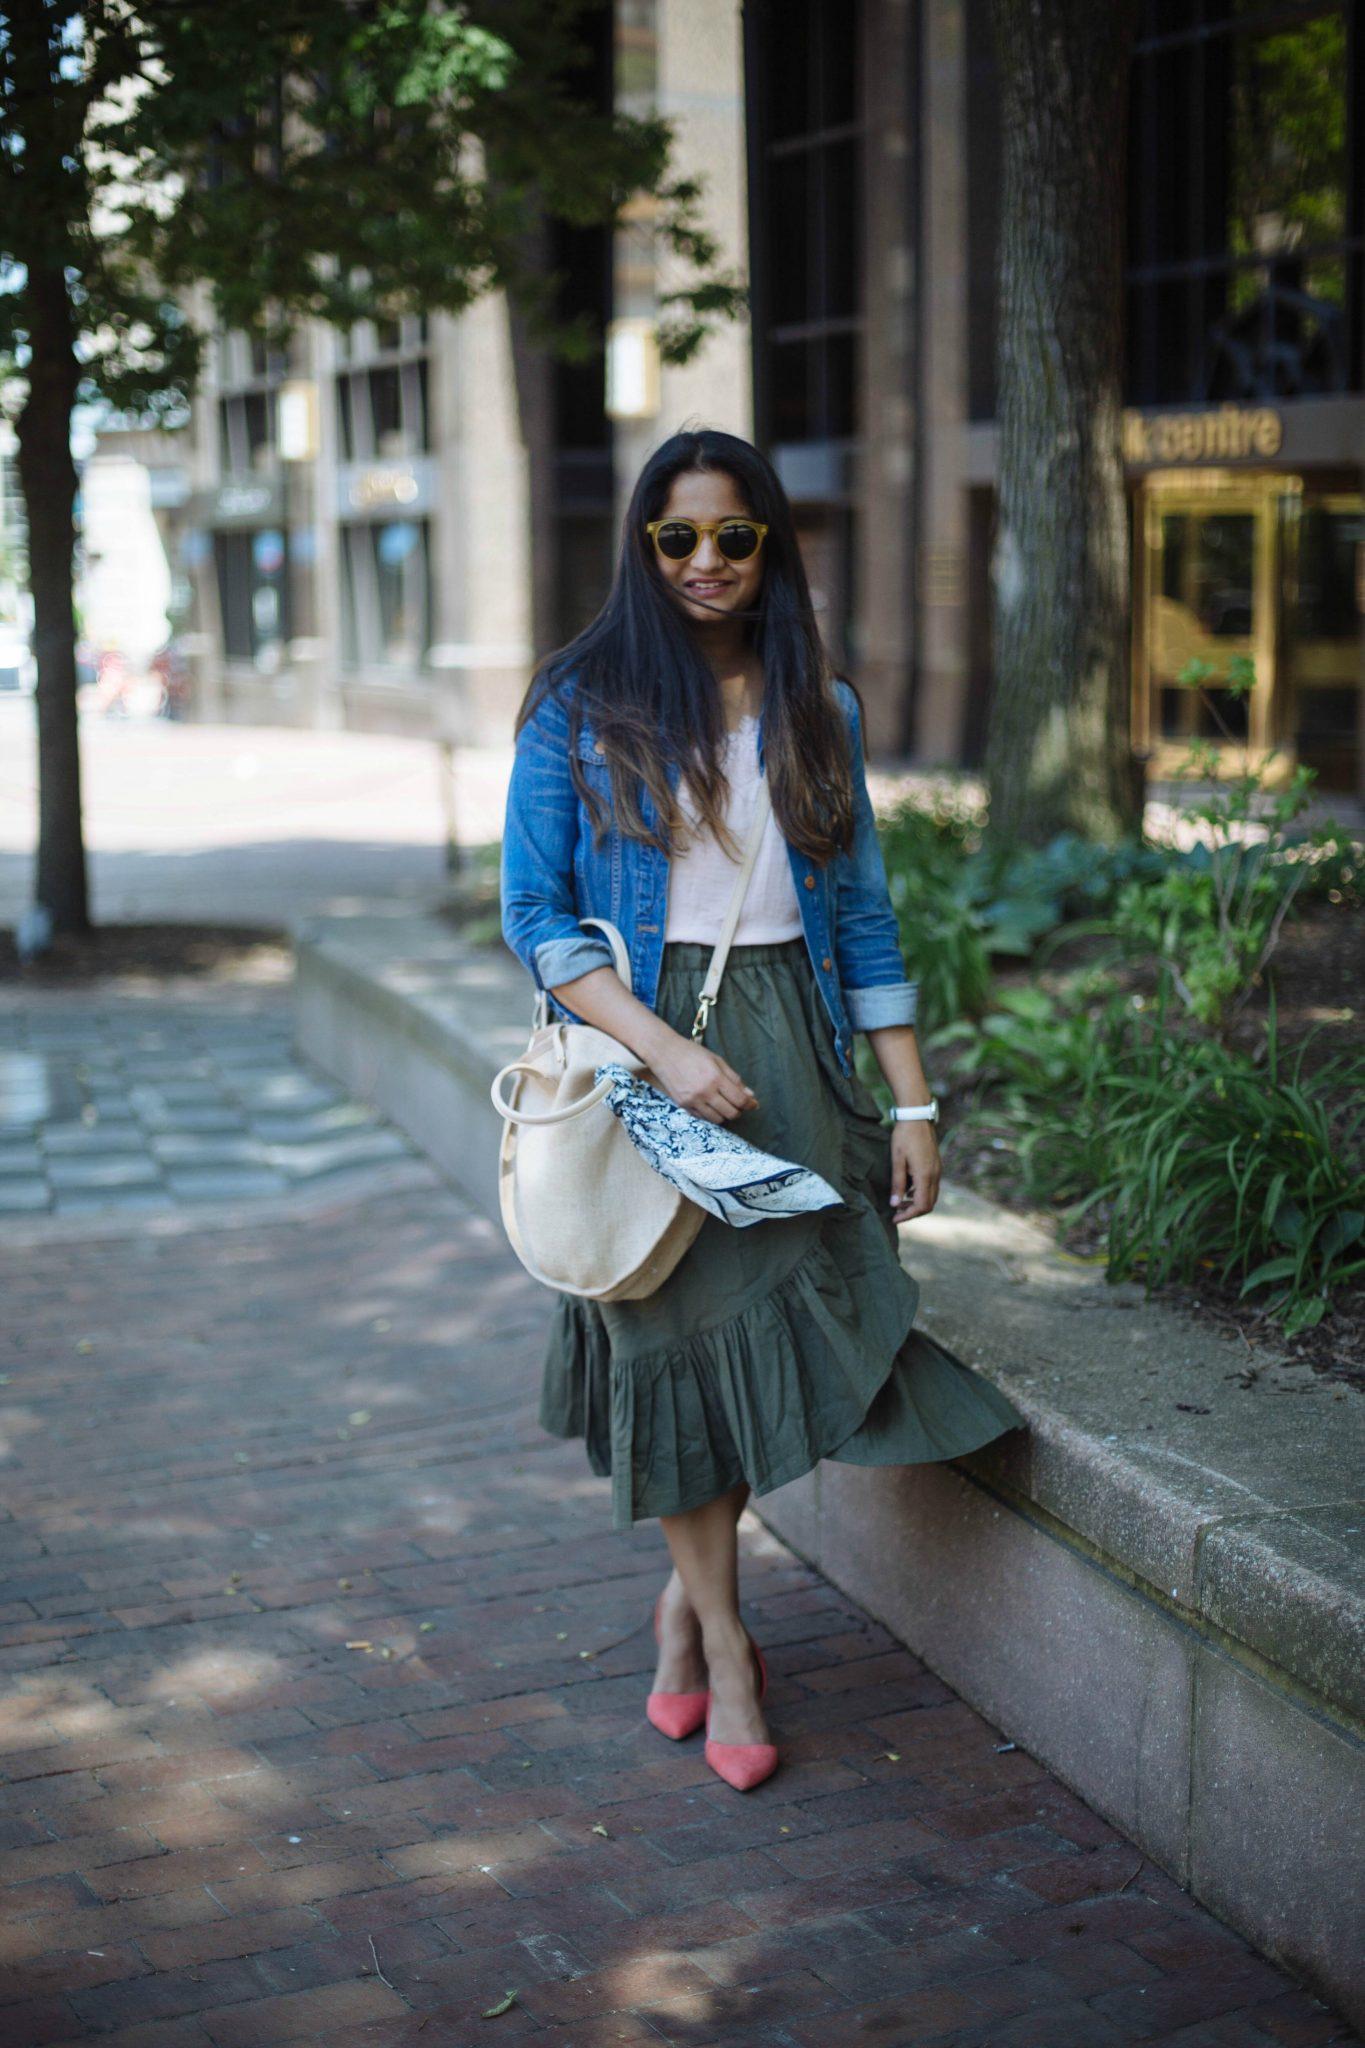 Summer-trends-2017-ruffle-skirt